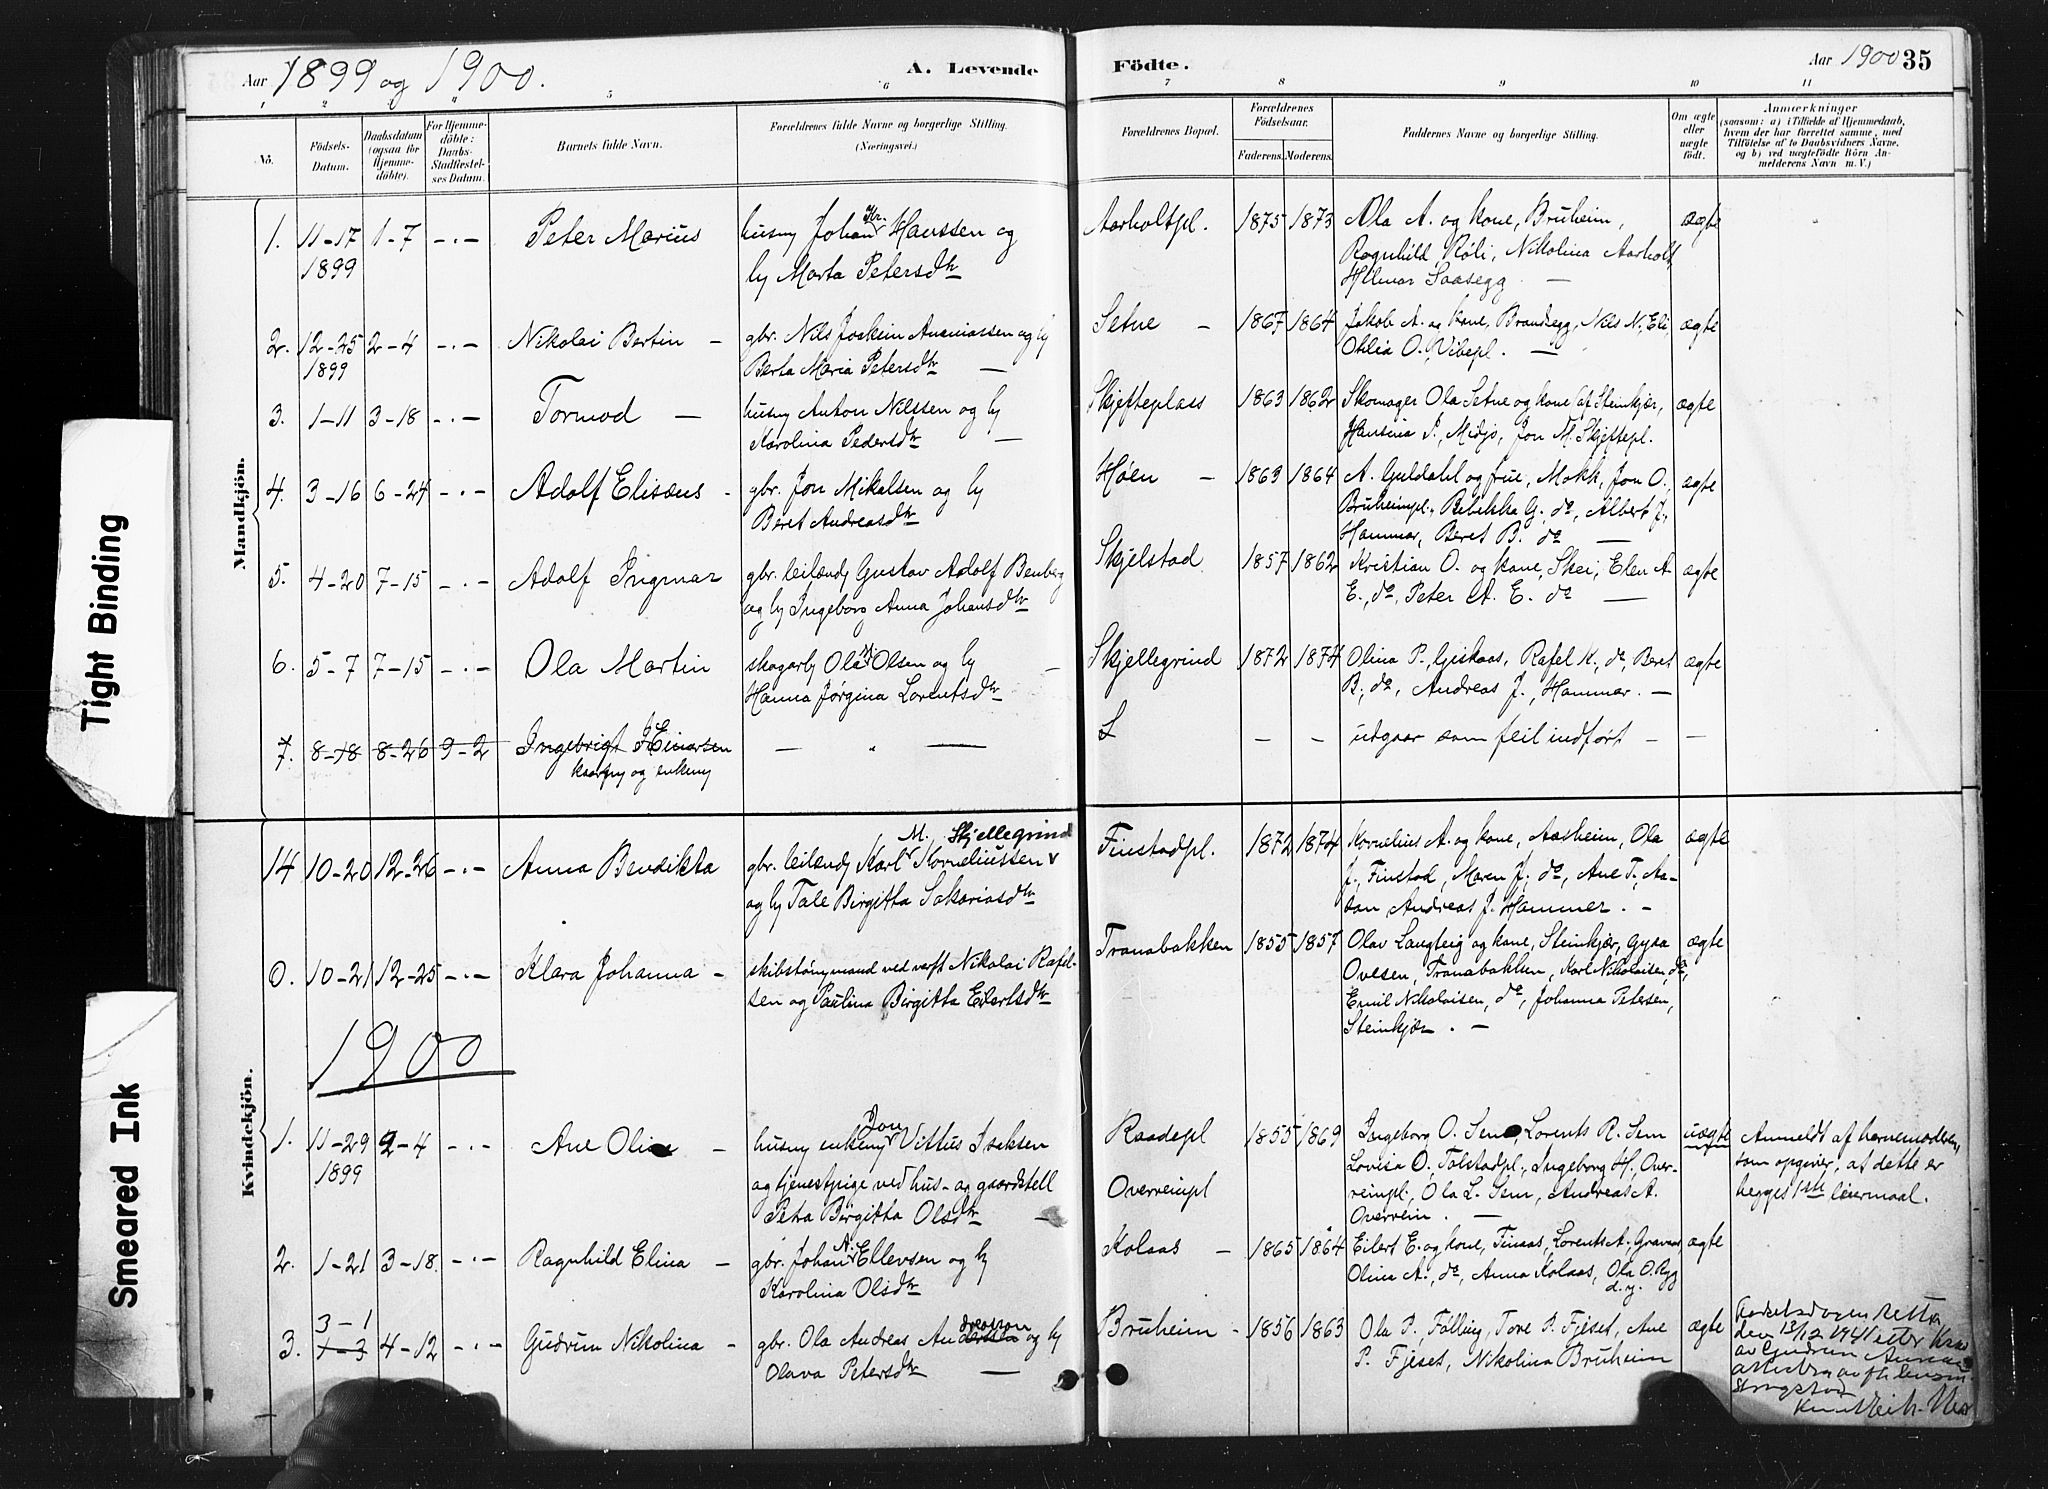 SAT, Ministerialprotokoller, klokkerbøker og fødselsregistre - Nord-Trøndelag, 736/L0361: Ministerialbok nr. 736A01, 1884-1906, s. 35